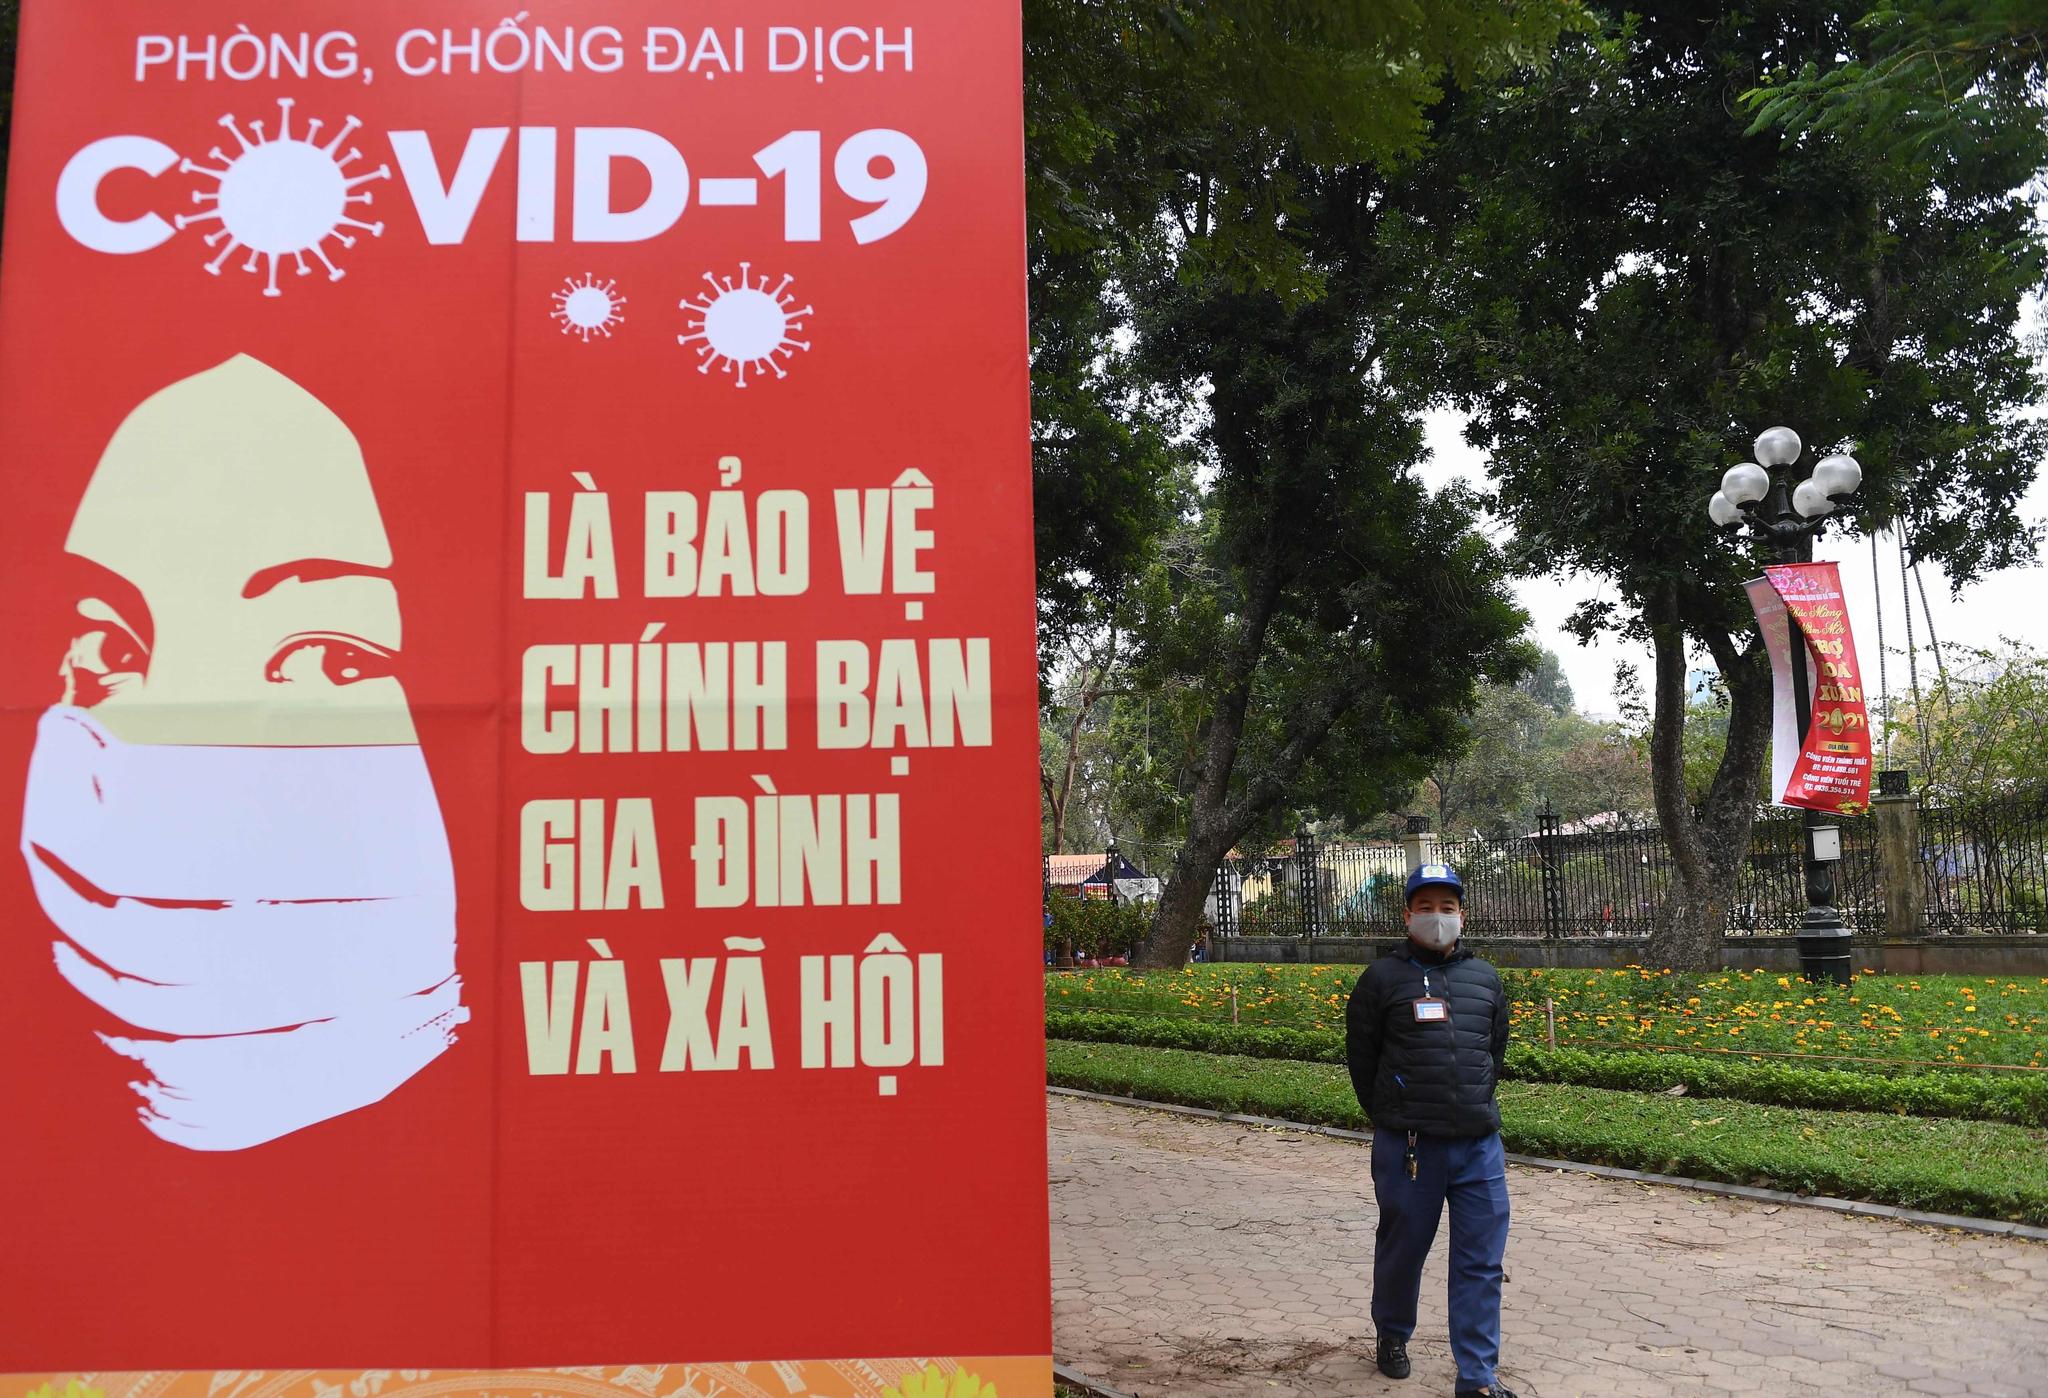 28일(현지시간) 베트남 하노이에서 신종 코로나바이러스 감염증(코로나19) 확산을 막기 위해 마스크를 쓴 한 남성이 공중보건캠페인 현수막 인근을 걷고 있다. AFP=연합뉴스